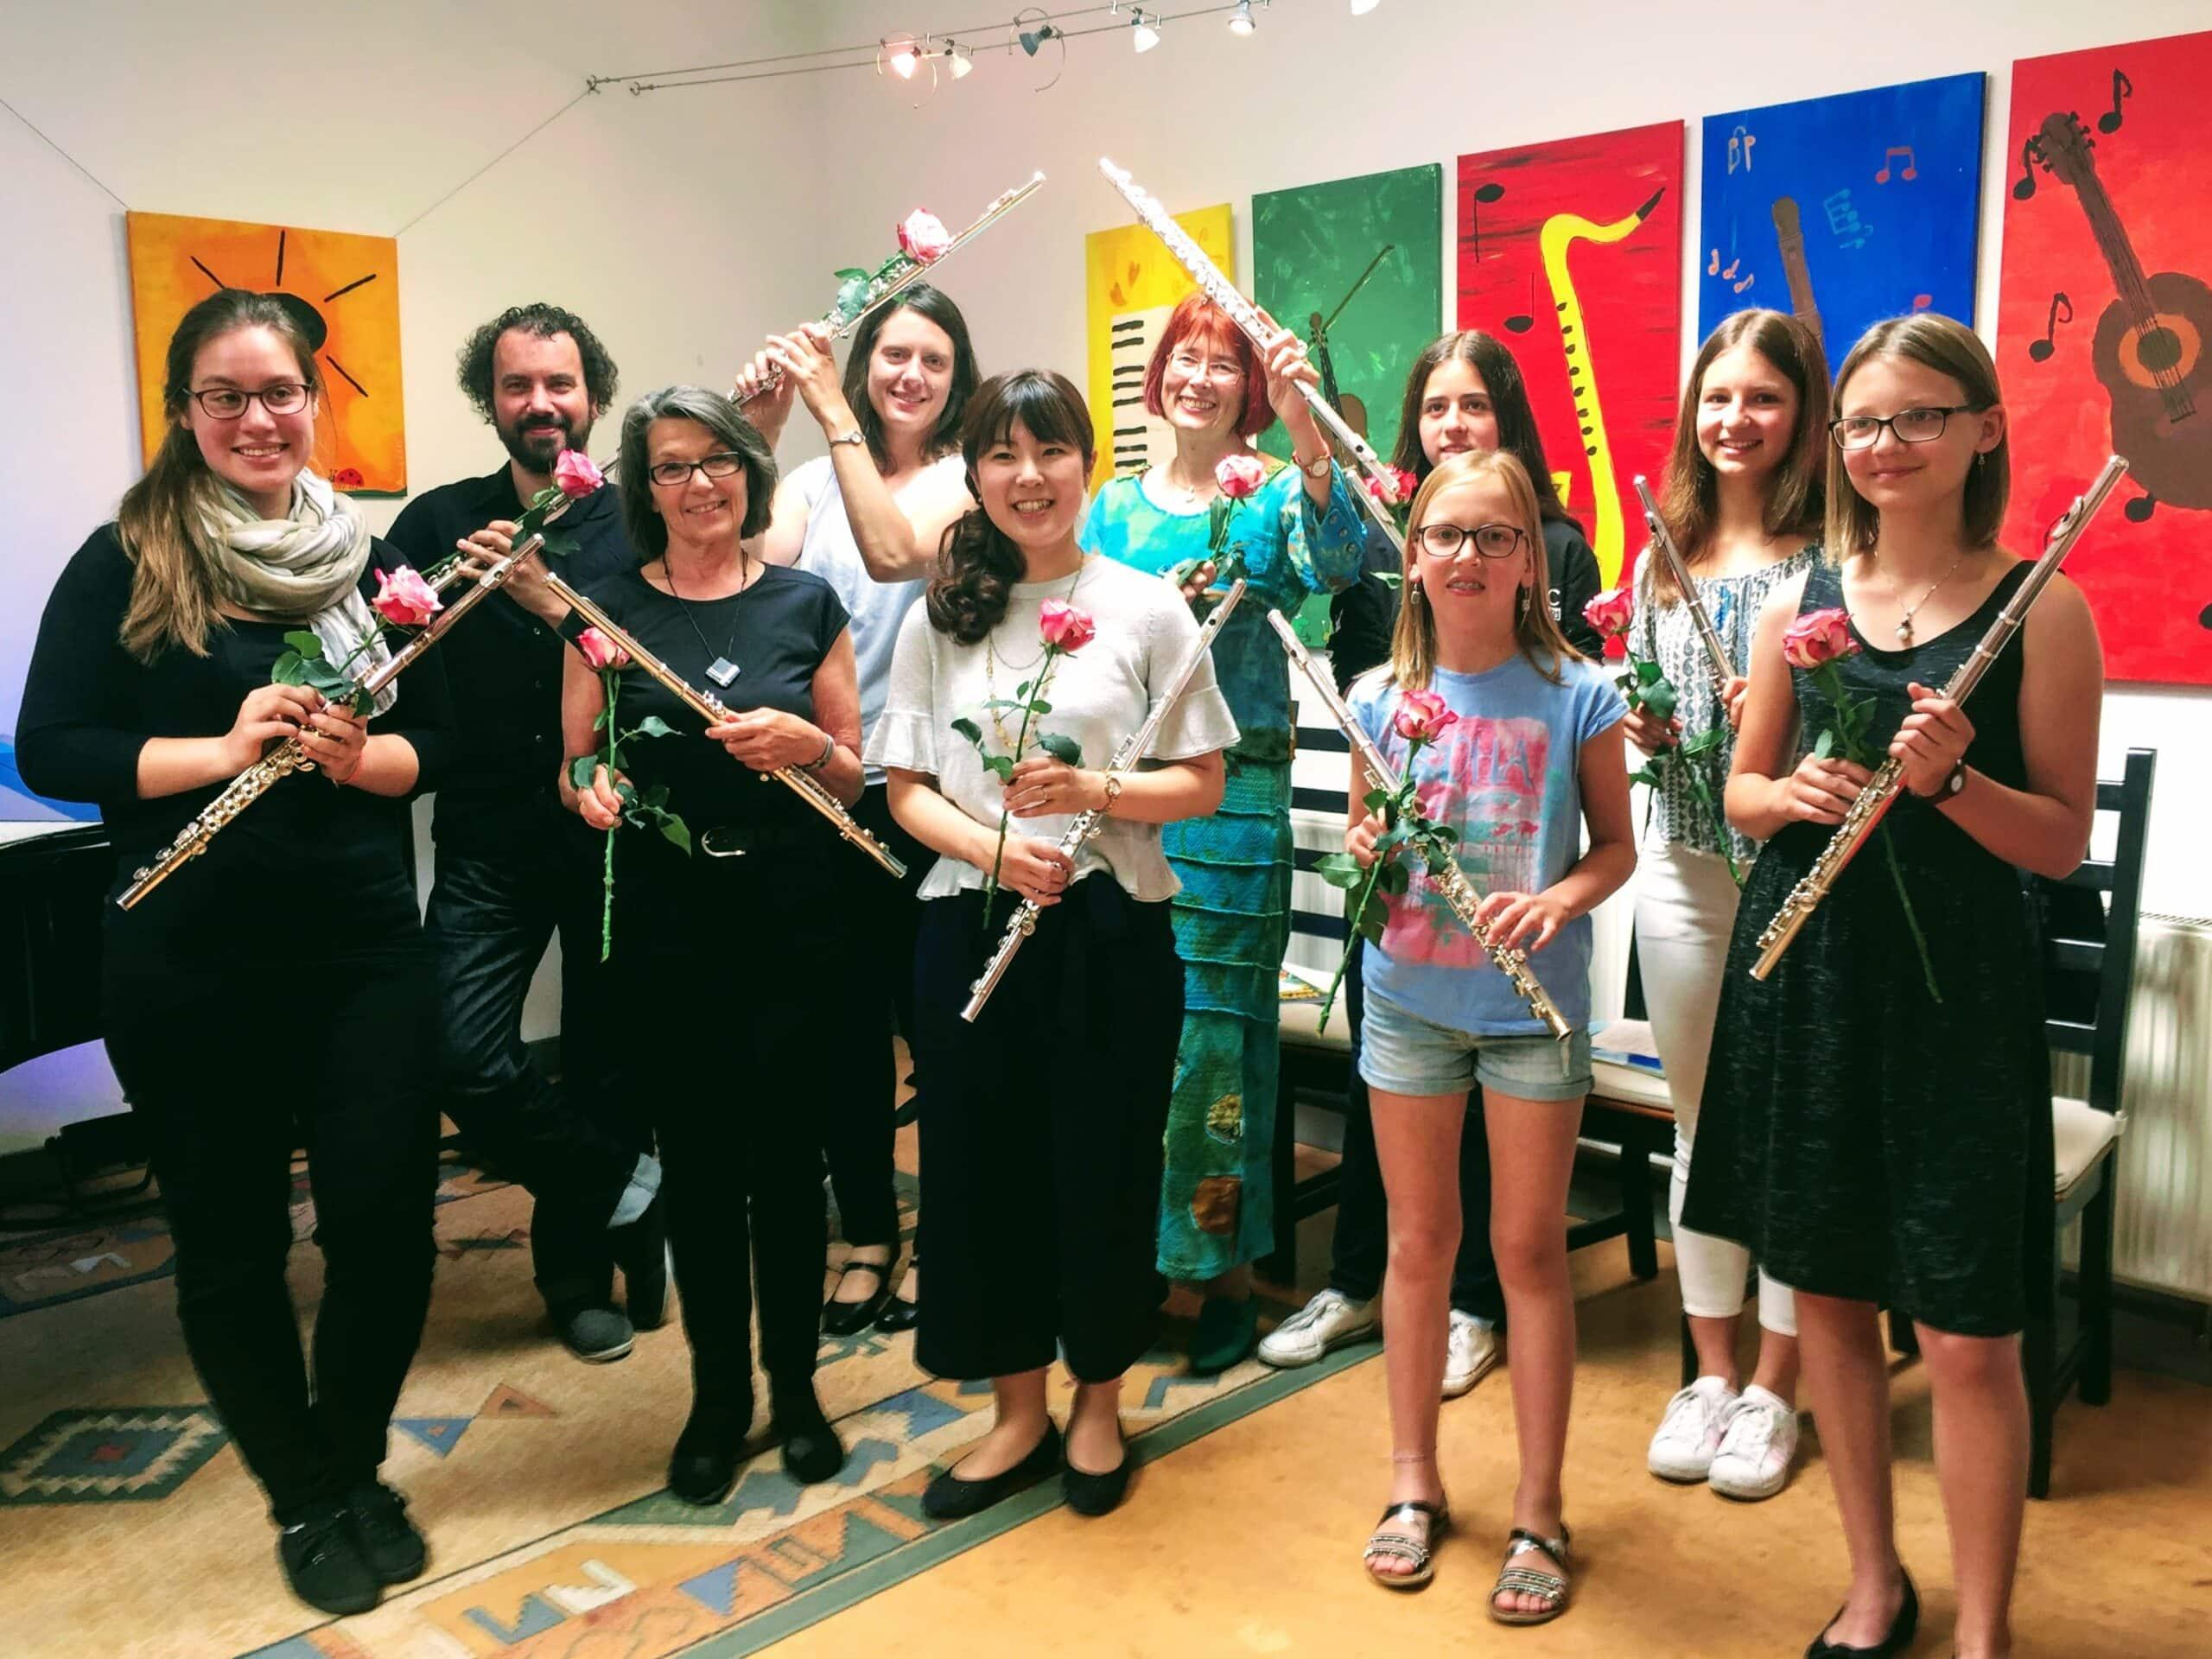 MusiCeum: Querflötenspielerinnen und Querflötenspieler mit Blumen